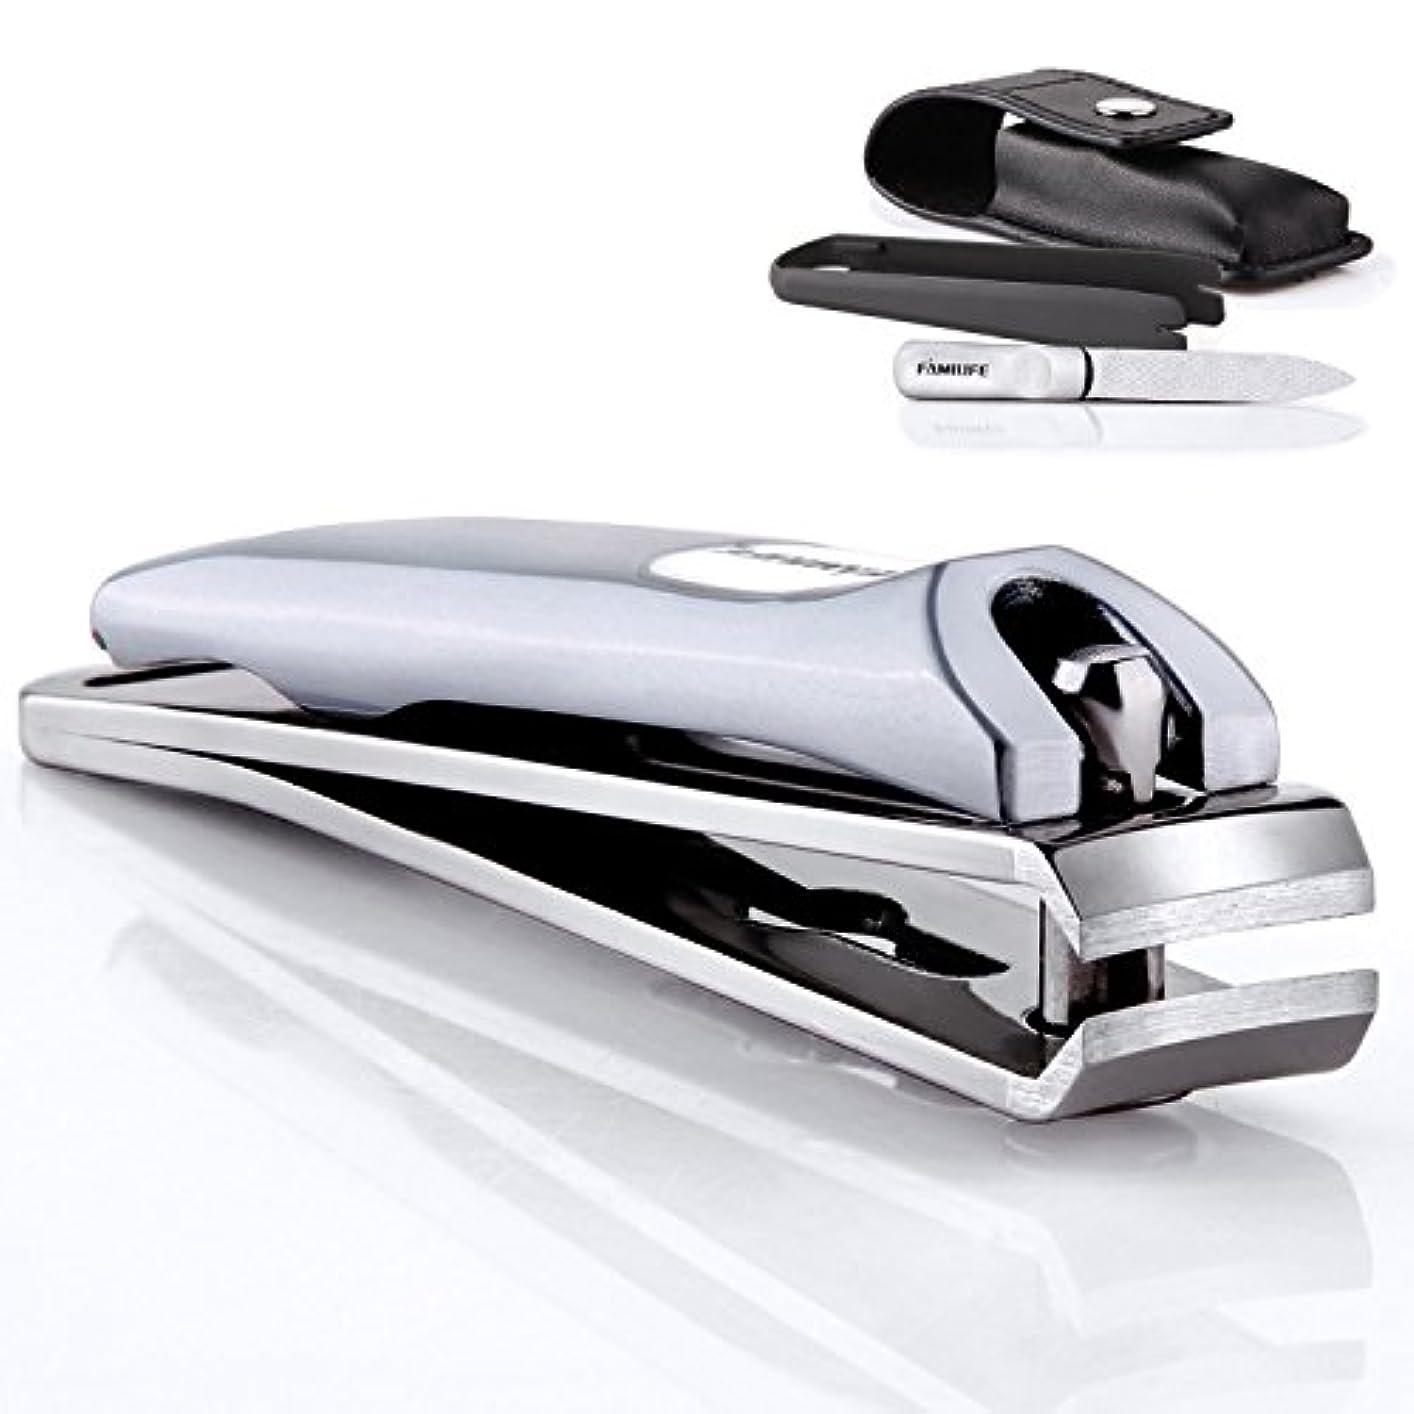 FAMILIFE 爪切り 爪やすり ステンレス製高級 握りやすい飛びにくい レザーポーチ付き